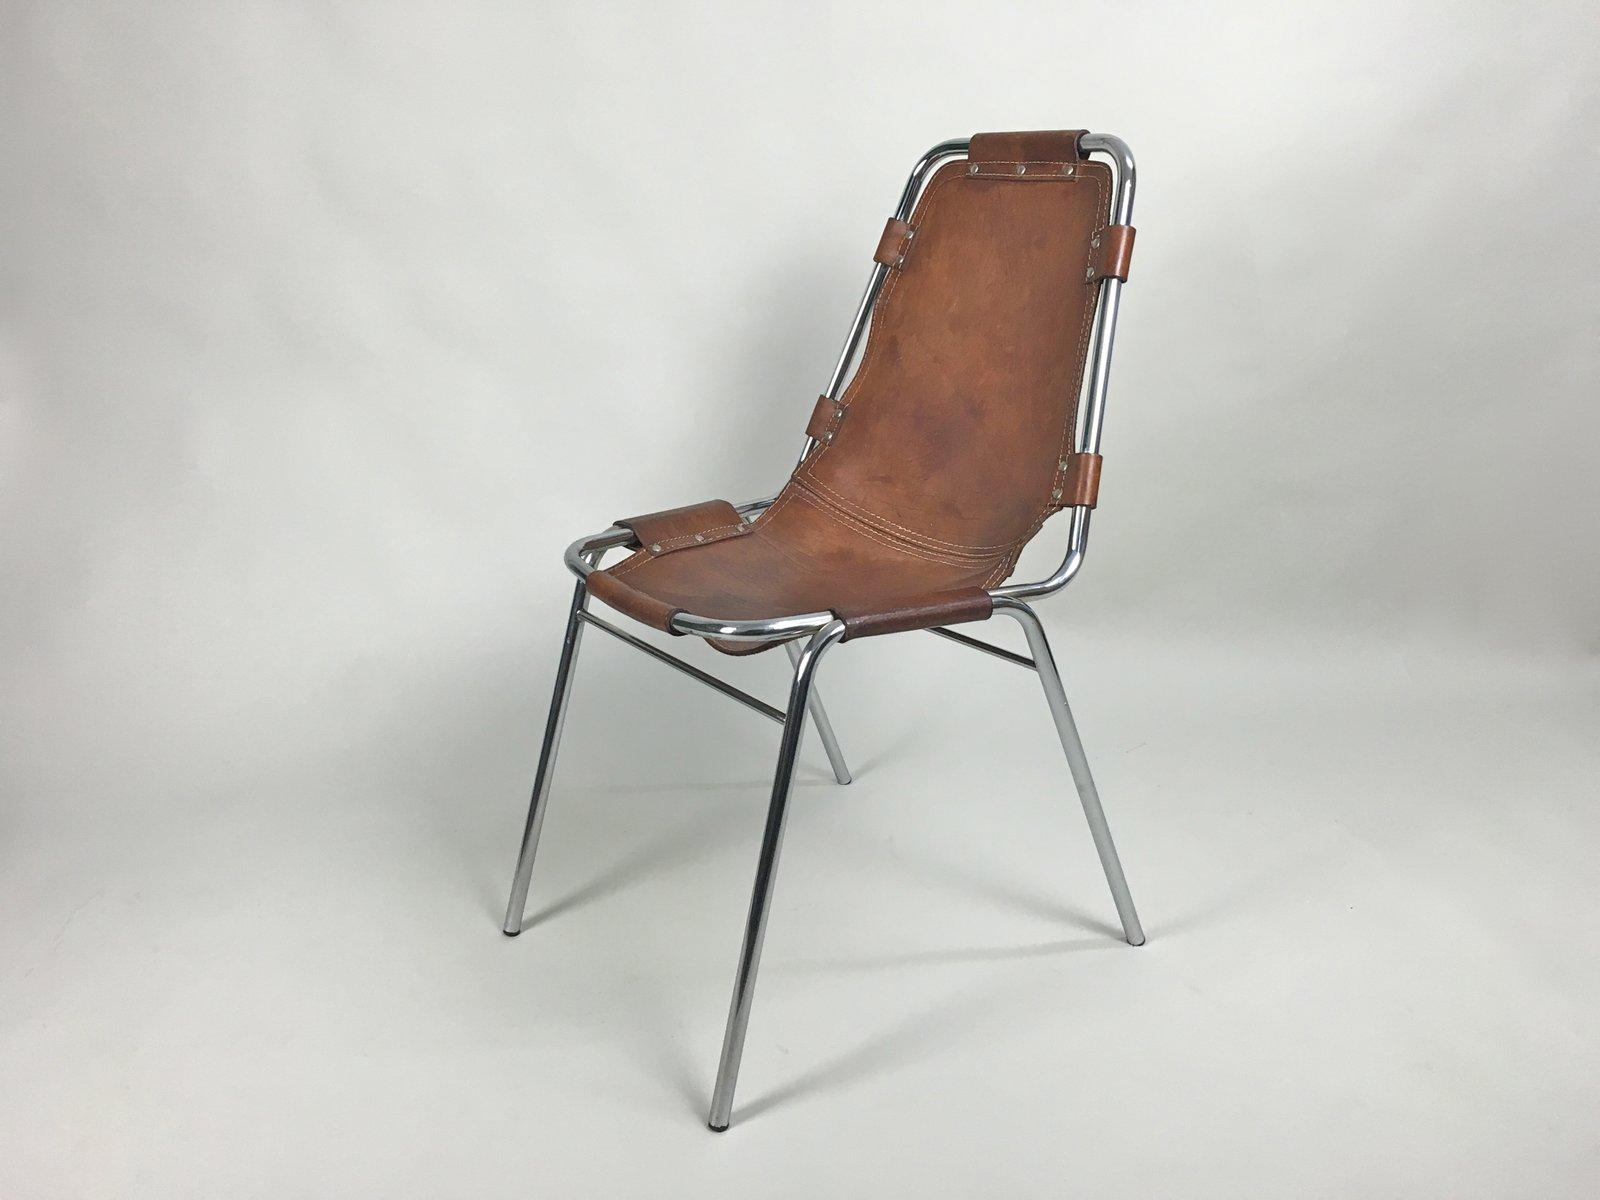 chaises les arcs par charlotte perriand set de 4 en vente sur pamono. Black Bedroom Furniture Sets. Home Design Ideas